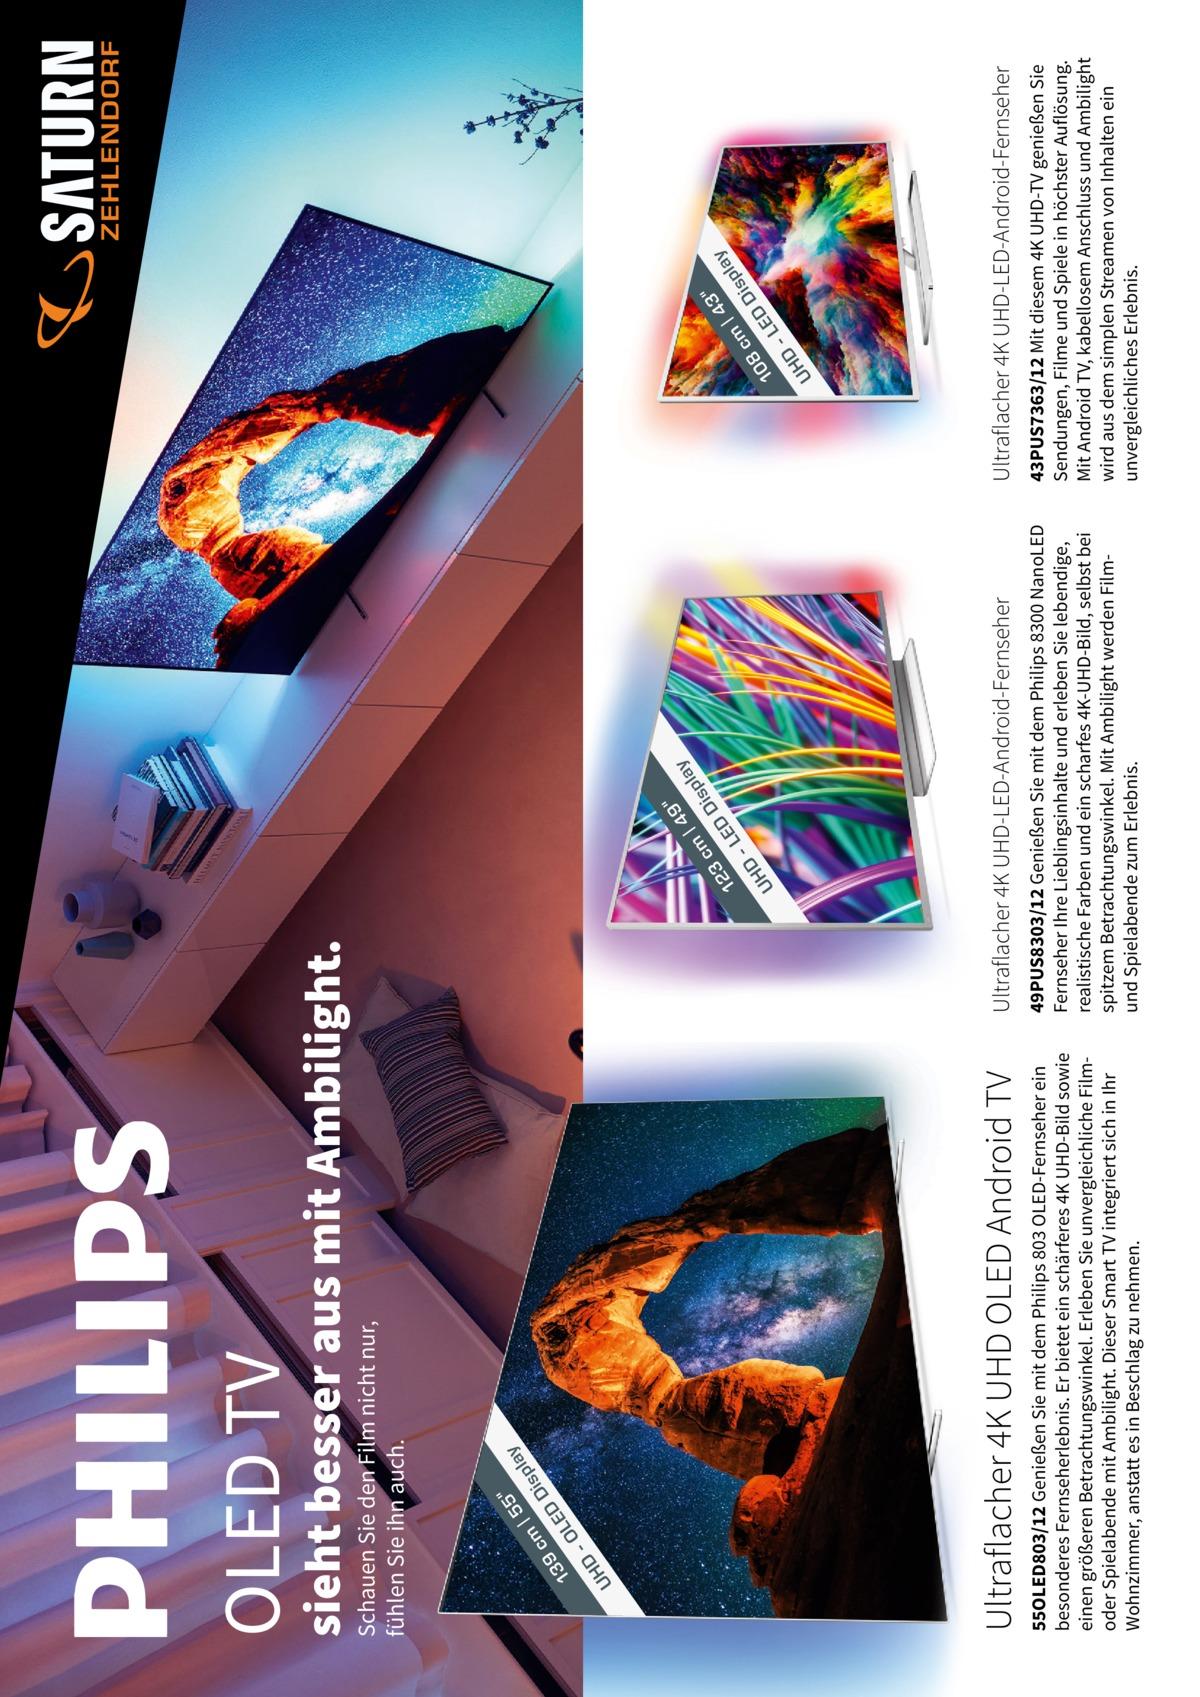 5  9  3 cm Dis 8 ED 10 -L D UH  |4  pla  y  43PUS7363/12 Mit diesem 4K UHD-TV genießen Sie Sendungen, Filme und Spiele in höchster Auflösung. Mit Android TV, kabellosem Anschluss und Ambilight wird aus dem simplen Streamen von Inhalten ein unvergleichliches Erlebnis.  y  49PUS8303/12 Genießen Sie mit dem Philips 8300 NanoLED Fernseher Ihre Lieblingsinhalte und erleben Sie lebendige, realistische Farben und ein scharfes 4K-UHD-Bild, selbst bei spitzem Betrachtungswinkel. Mit Ambilight werden Filmund Spielabende zum Erlebnis.  pla  55OLED803/12 Genießen Sie mit dem Philips 803 OLED-Fernseher ein besonderes Fernseherlebnis. Er bietet ein schärferes 4K UHD-Bild sowie einen größeren Betrachtungswinkel. Erleben Sie unvergleichliche Filmoder Spielabende mit Ambilight. Dieser SmartTV integriert sich in Ihr Wohnzimmer, anstatt es in Beschlag zu nehmen.  cm Dis 3 2 ED 1 -L D UH  |4  Ultraflacher 4K UHD-LED-Android-Fernseher  y  Ultraflacher 4K UHD-LED-Android-Fernseher  pla  Ultraflacher 4K UHD OLED Android TV  s cm Di 9 D 13 LE -O D UH  |5  Schauen Sie den Film nicht nur, fühlen Sie ihn auch.  sieht besser aus mit Ambilight.  OLED TV  ZEHLENDORF